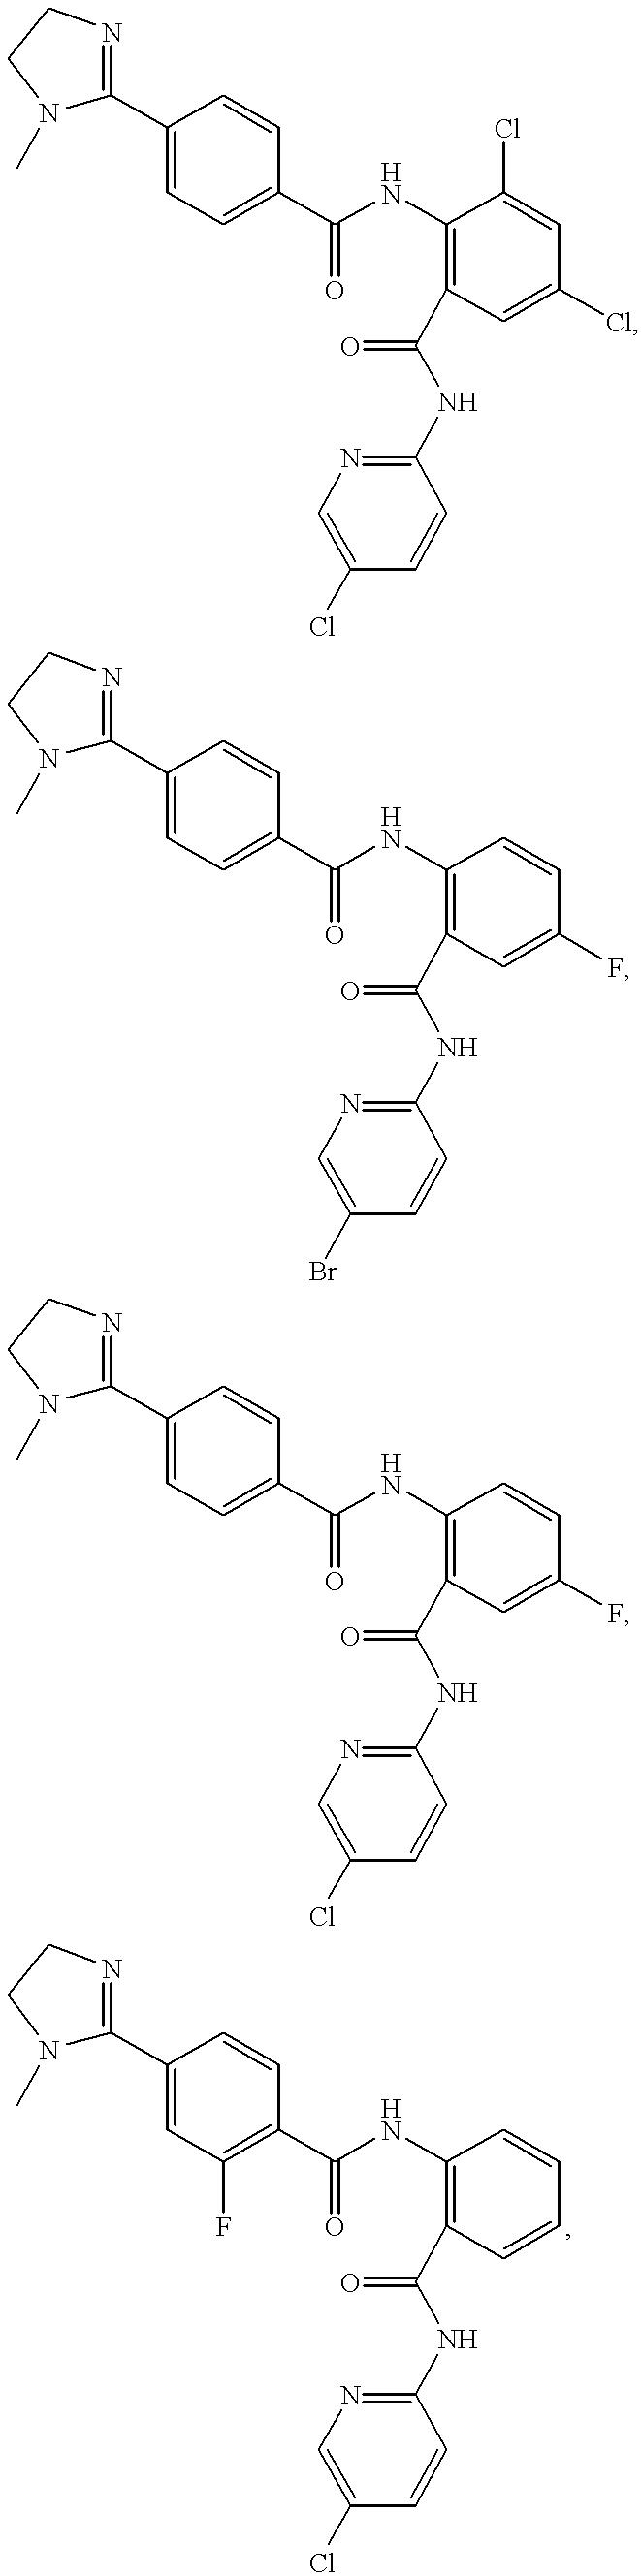 Figure US06376515-20020423-C00053